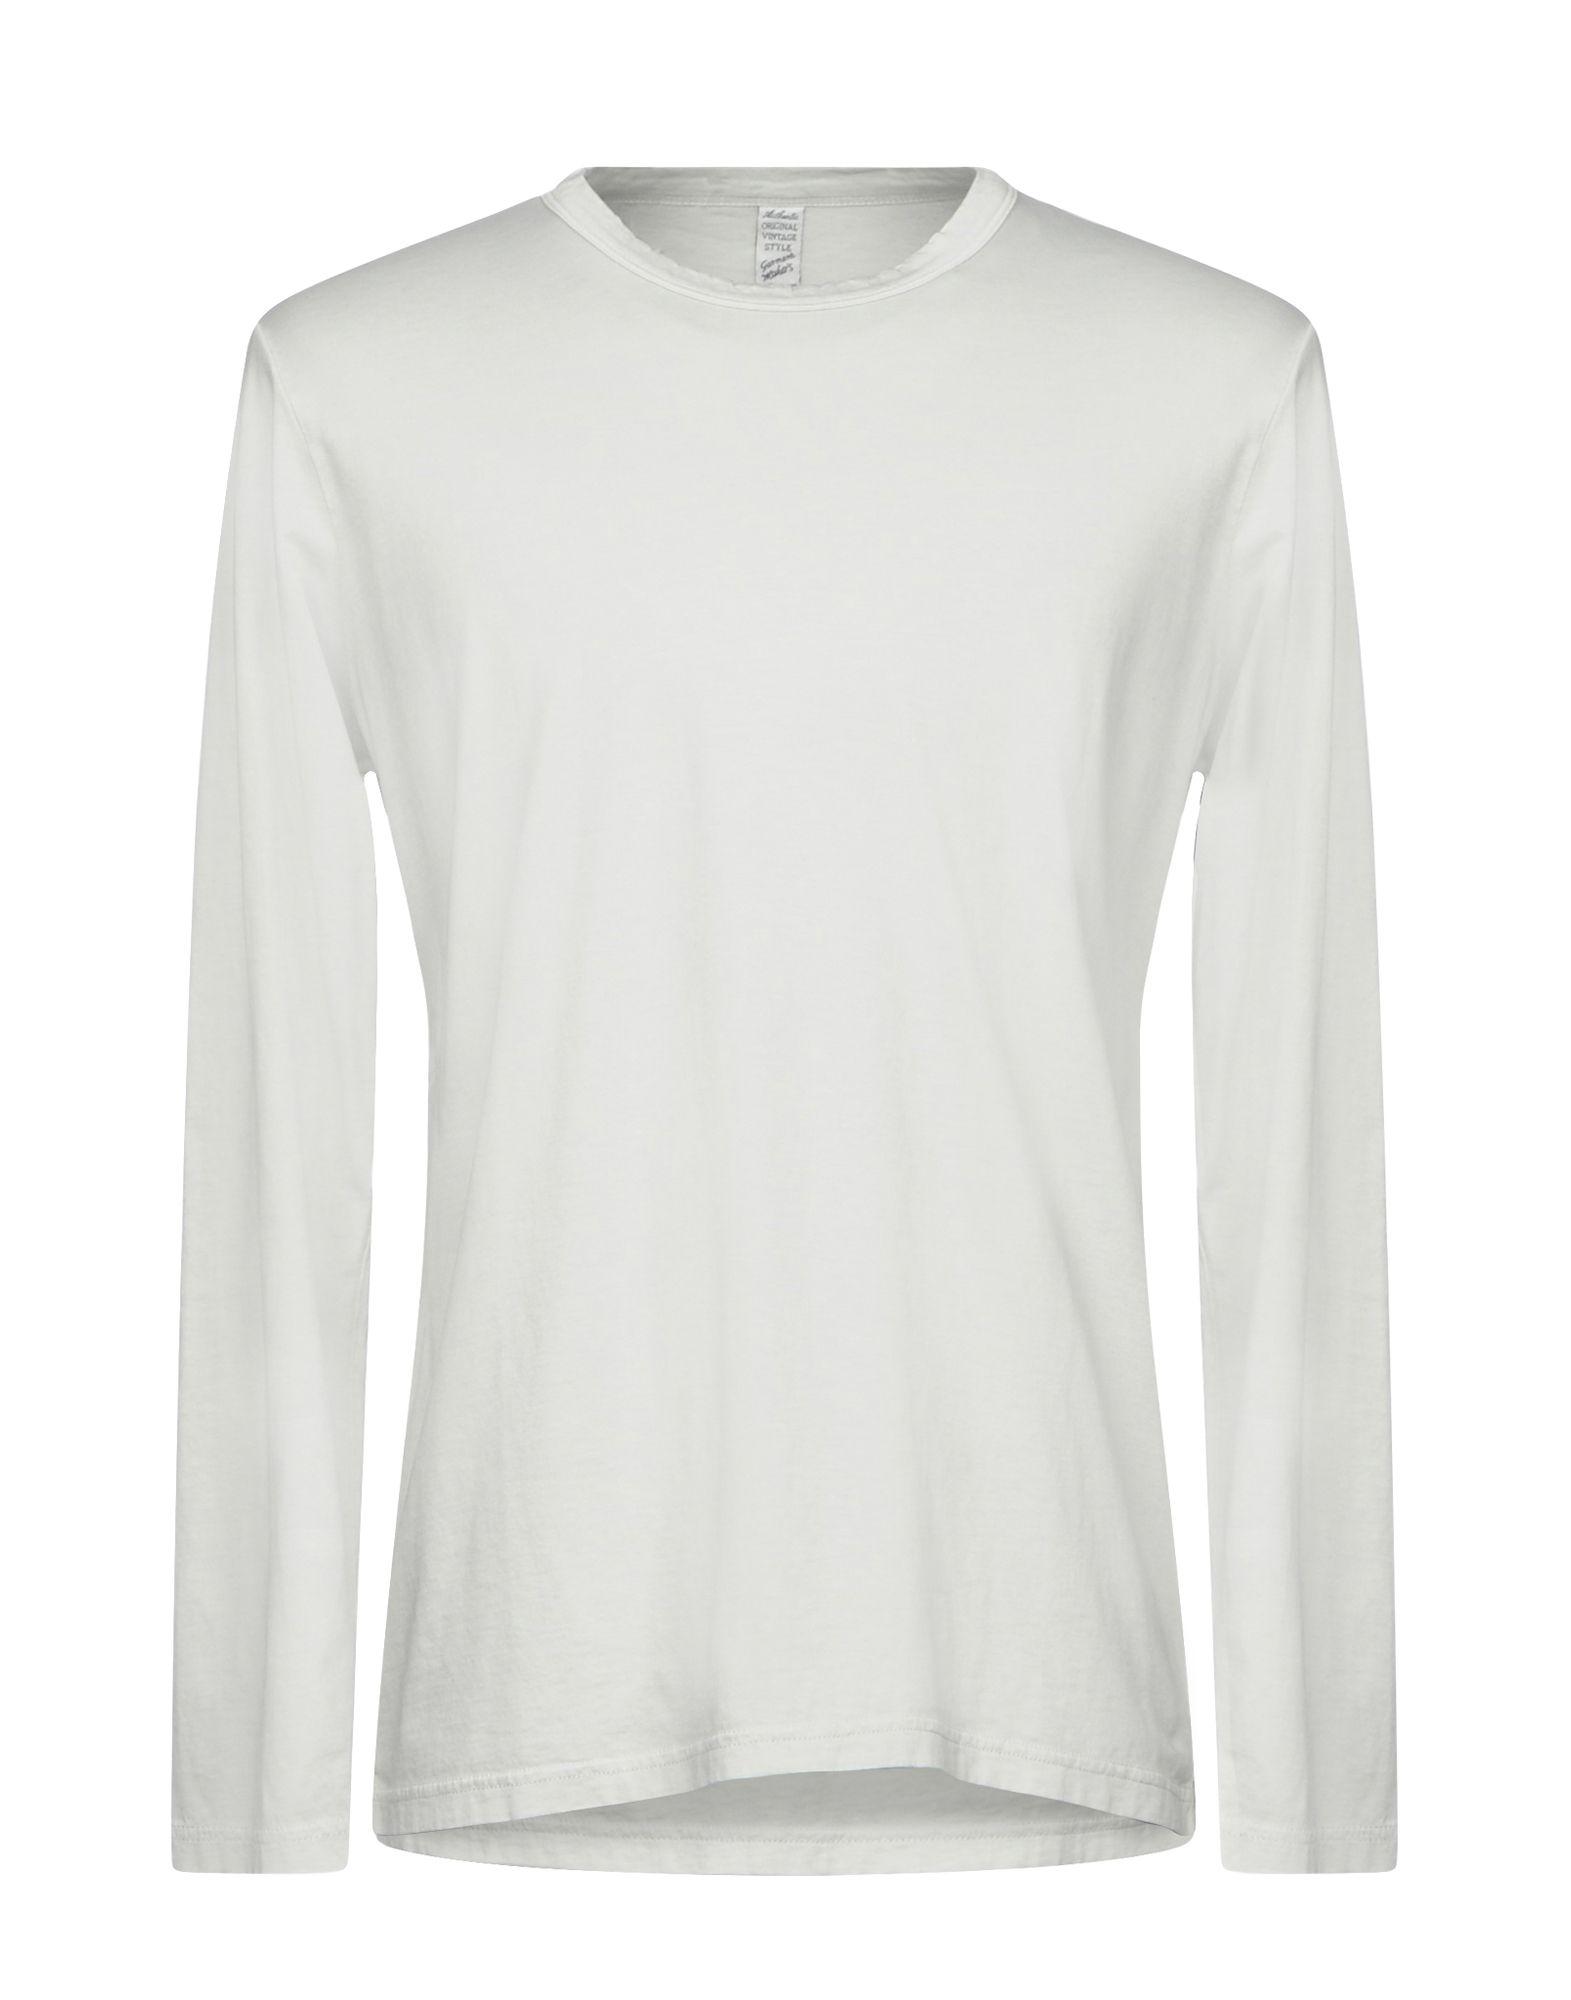 《送料無料》AUTHENTIC ORIGINAL VINTAGE STYLE メンズ T シャツ ライトグレー S コットン 100%